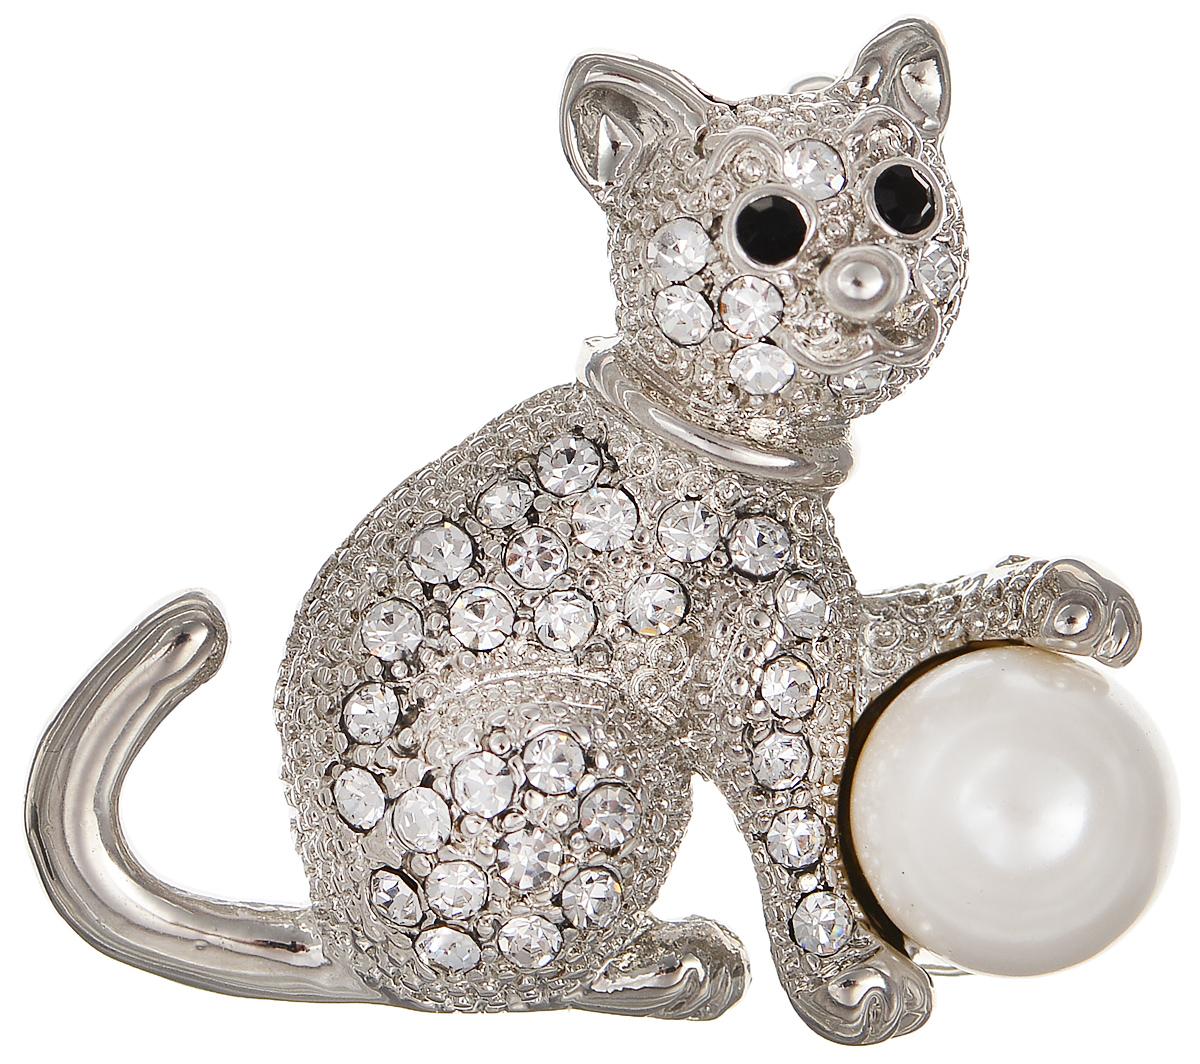 Брошь Selena Street Fashion, цвет: белый, серебристый. 3002669030026690Оригинальная брошь Selena Street Fashion изготовлена из латуни с родиевым покрытием. Брошь, выполненная в виде кошки, дополнена кристаллами Preciosa и искусственным жемчугом. Изделие крепится с помощью замка-булавки. Такая брошь позволит вам с легкостью воплотить самую смелую фантазию и создать собственный неповторимый образ.